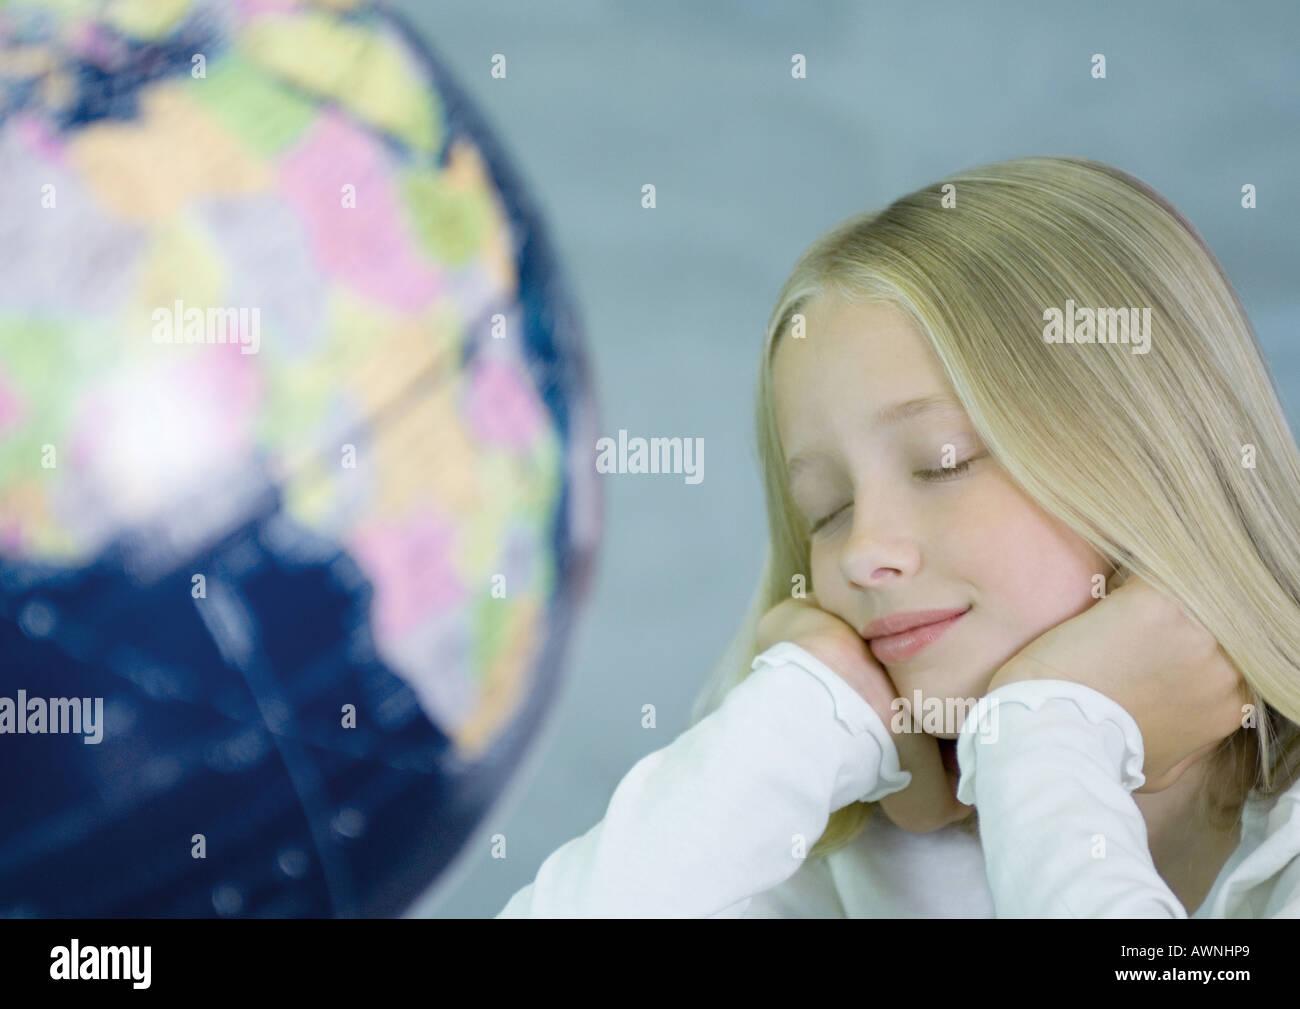 Girl next to globe, eyes closed - Stock Image